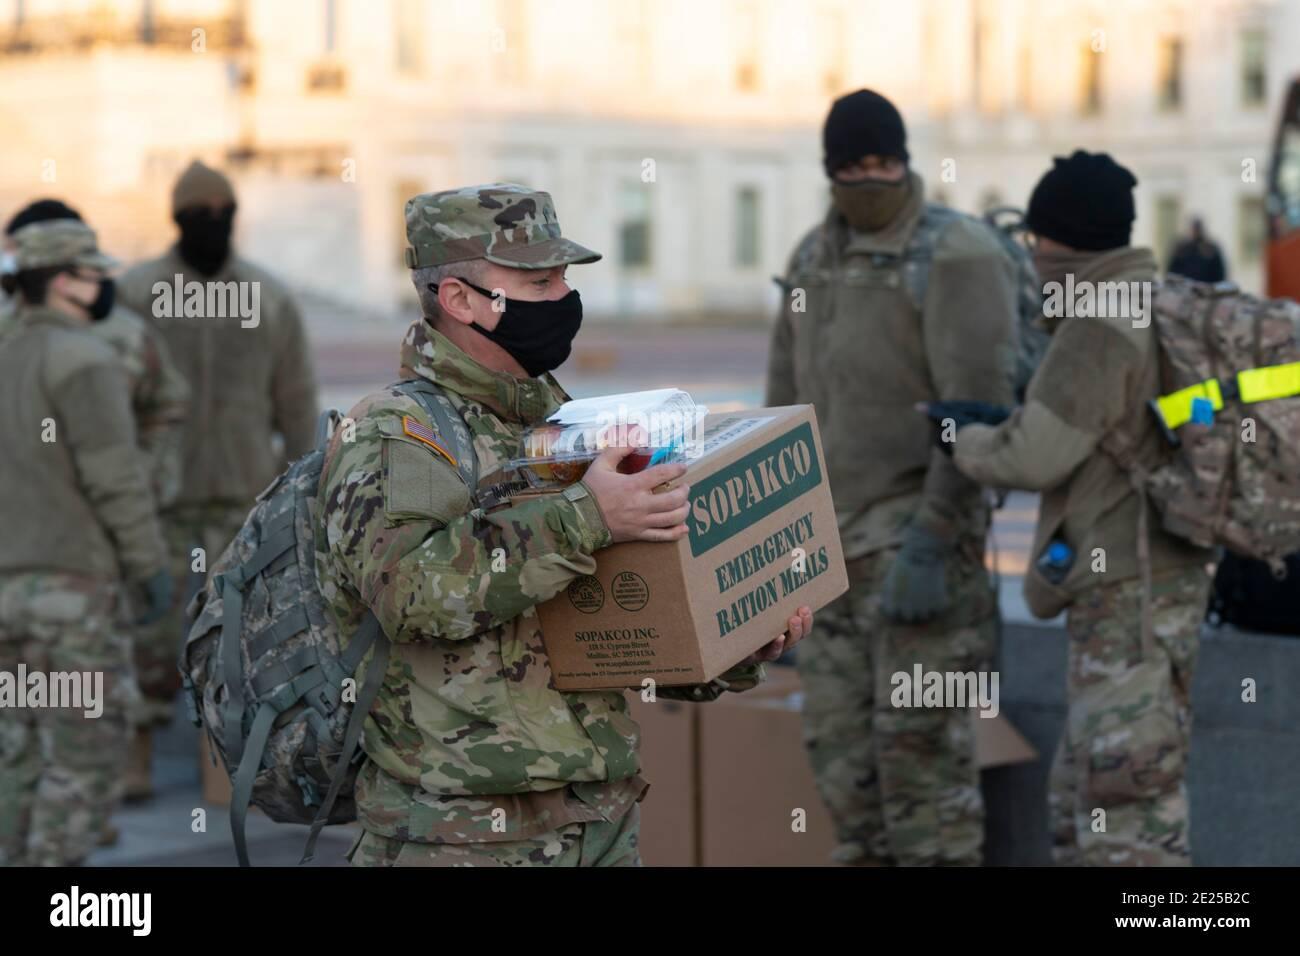 12 de enero de 2021 - Washington DC- los miembros de la Guardia Nacional se reúnen en Capitol Hill. Crédito de la foto: Chris Kleponis/Sipa USA Foto de stock